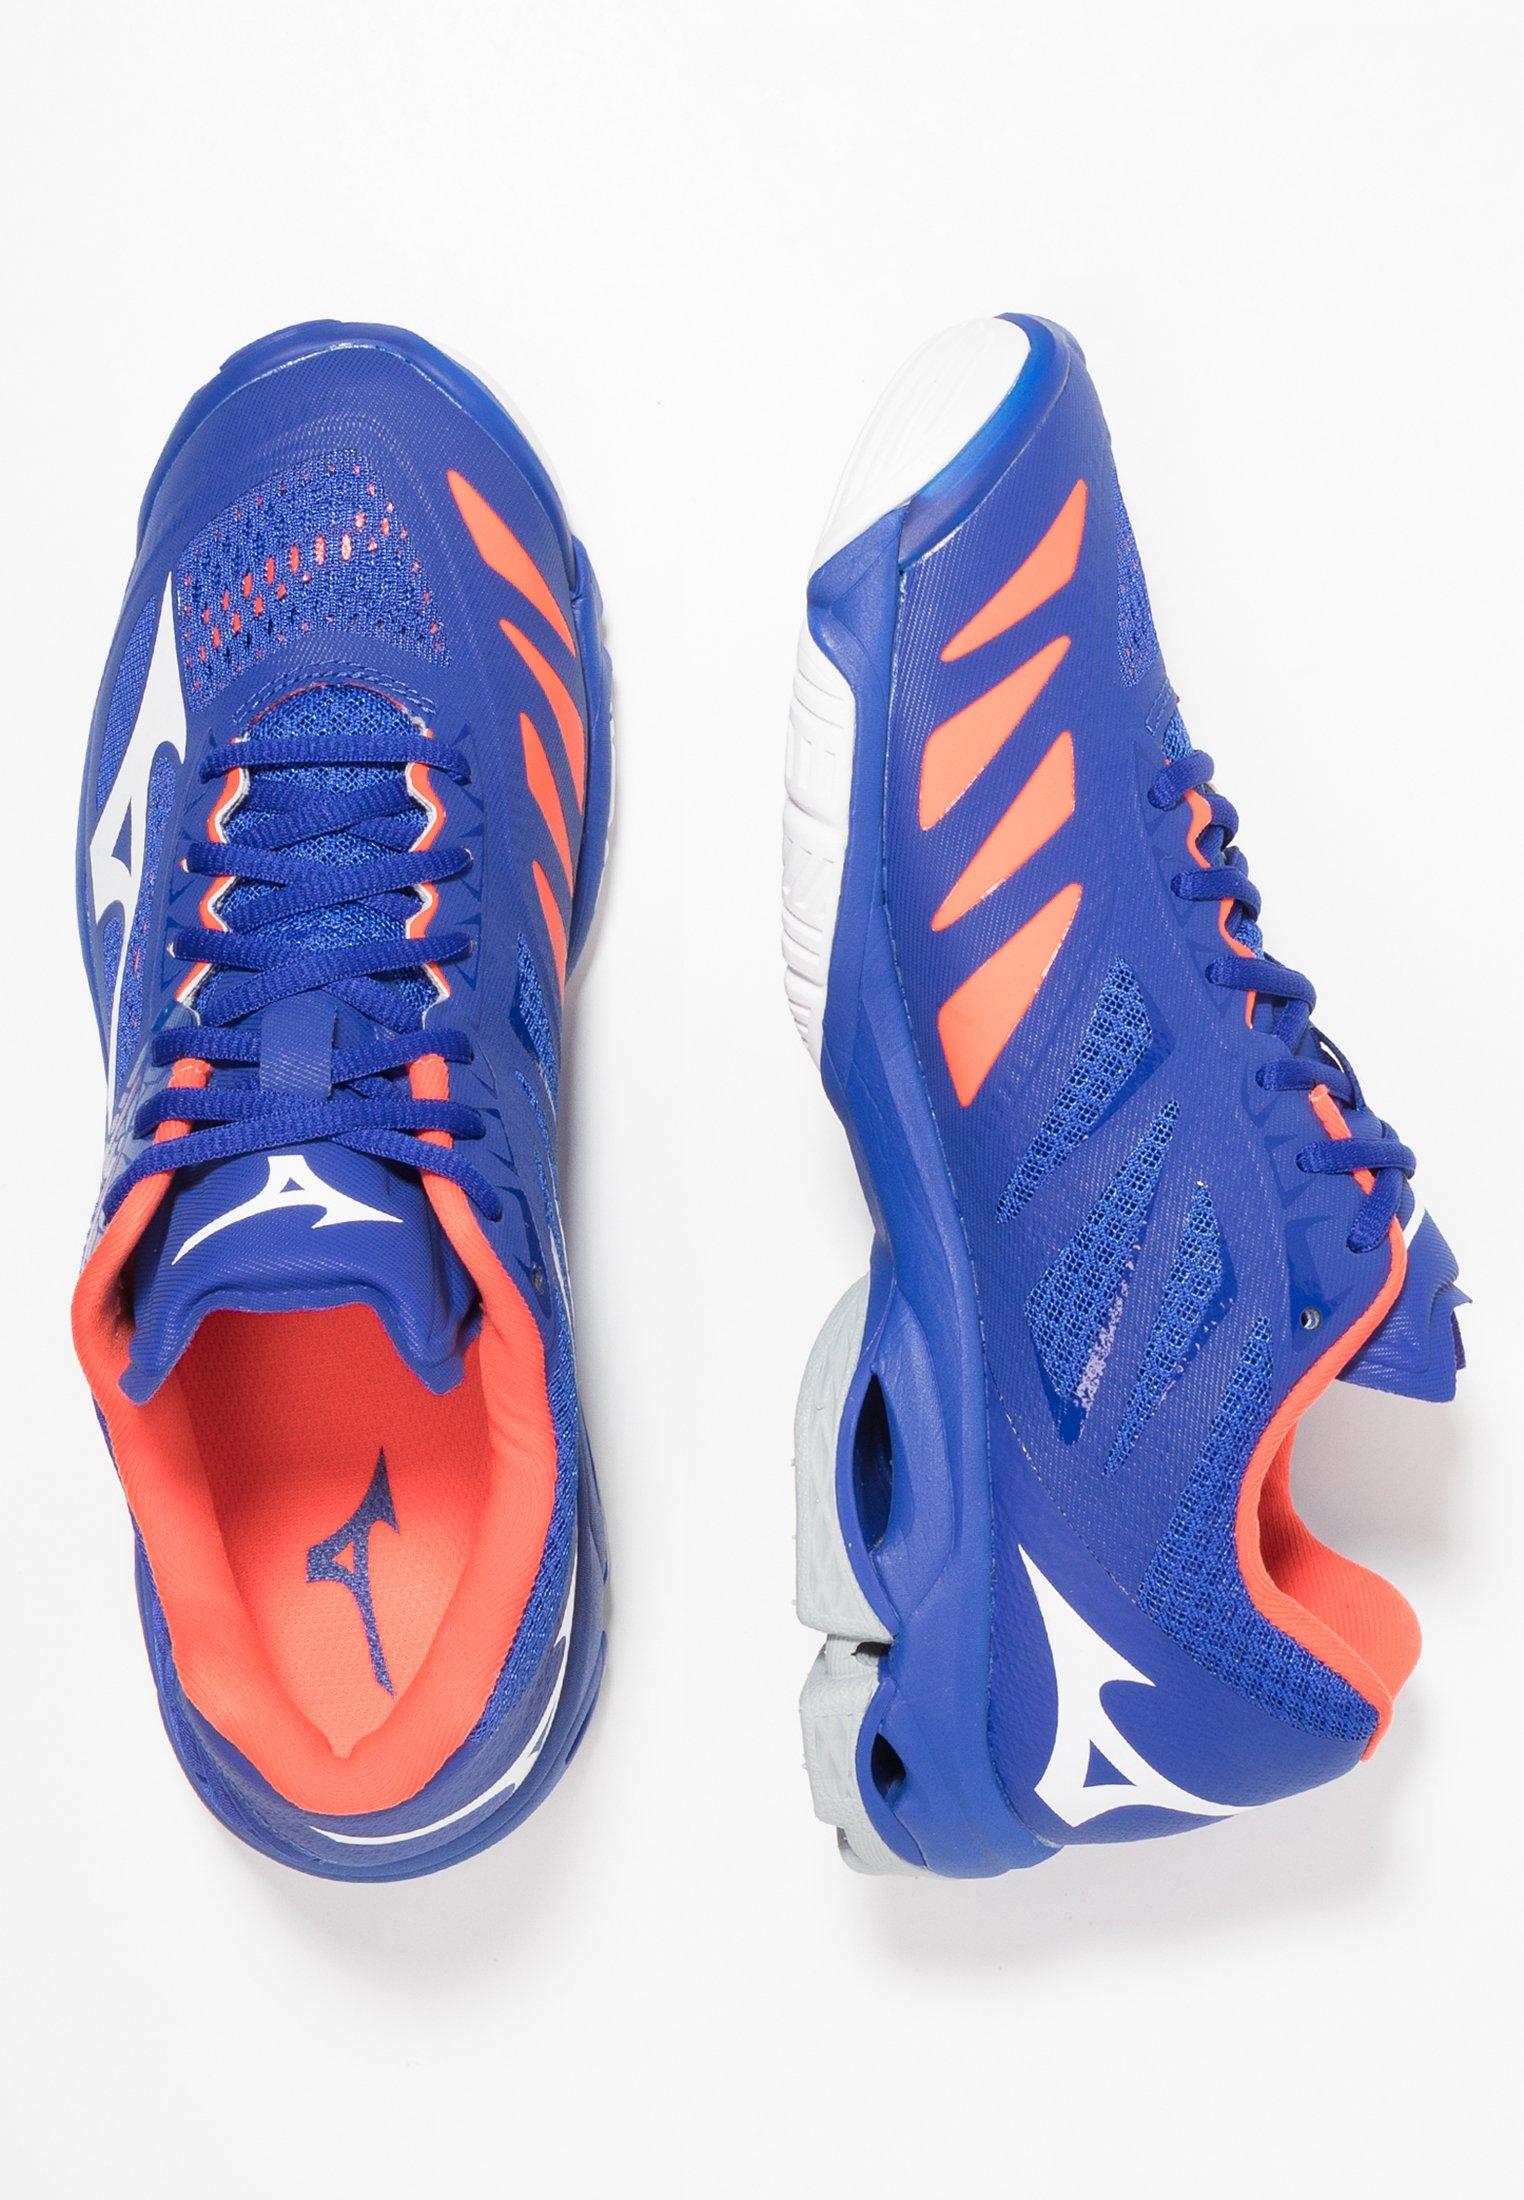 Mizuno WAVE LIGHTNING Z5 Scarpe da pallavolo reflex blue